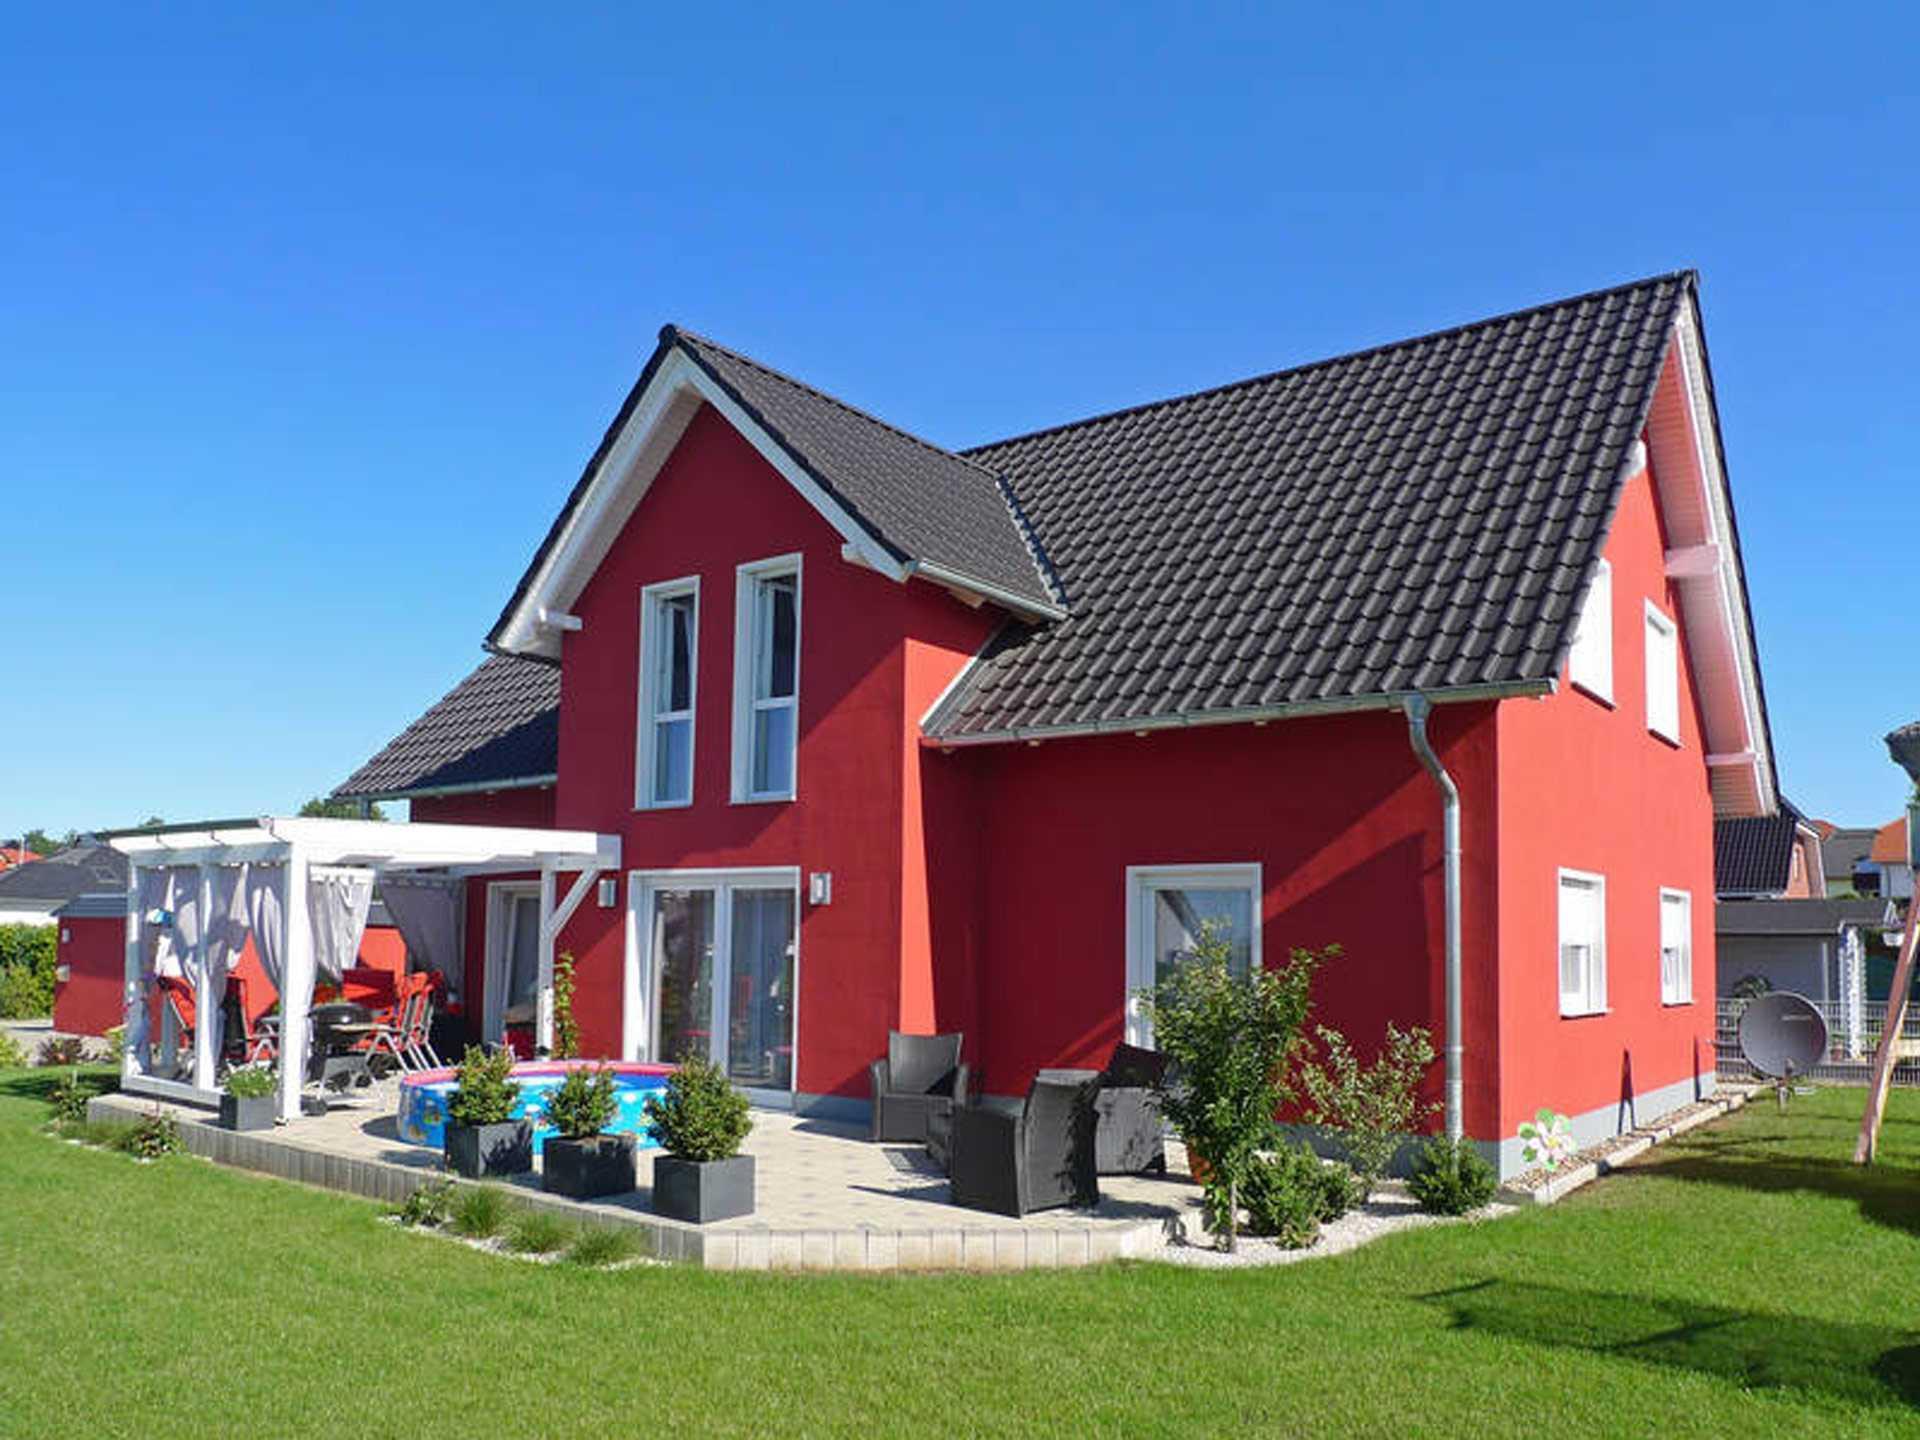 MH Massivhaus – Preise und Häuser bei Musterhaus.net size: 1920 x 1440 post ID: 7 File size: 0 B